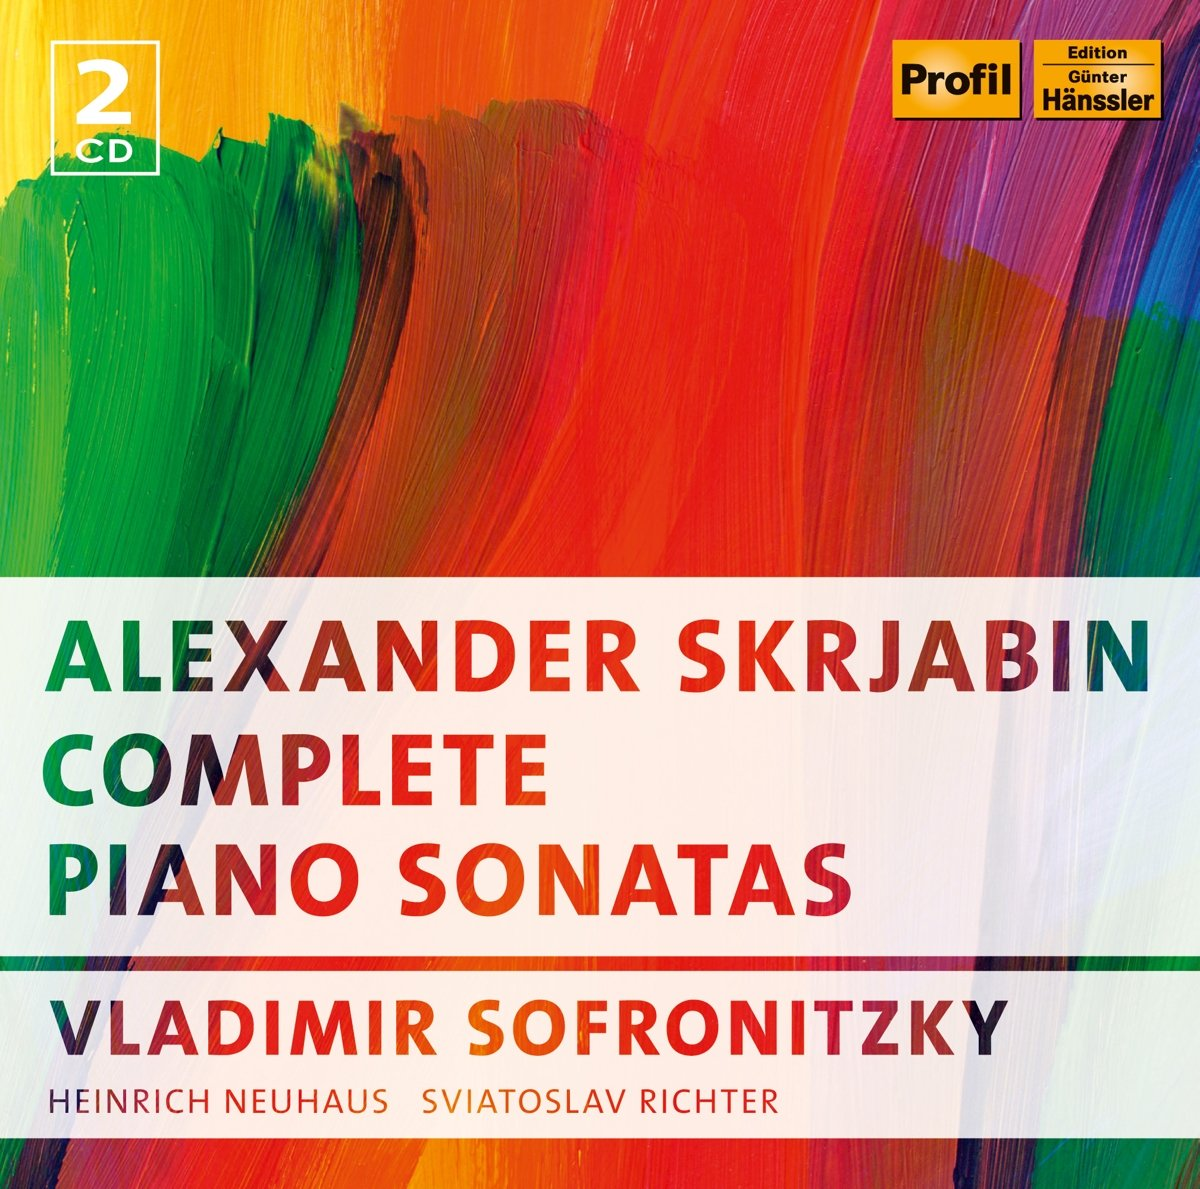 Intégrale des sonates pour piano